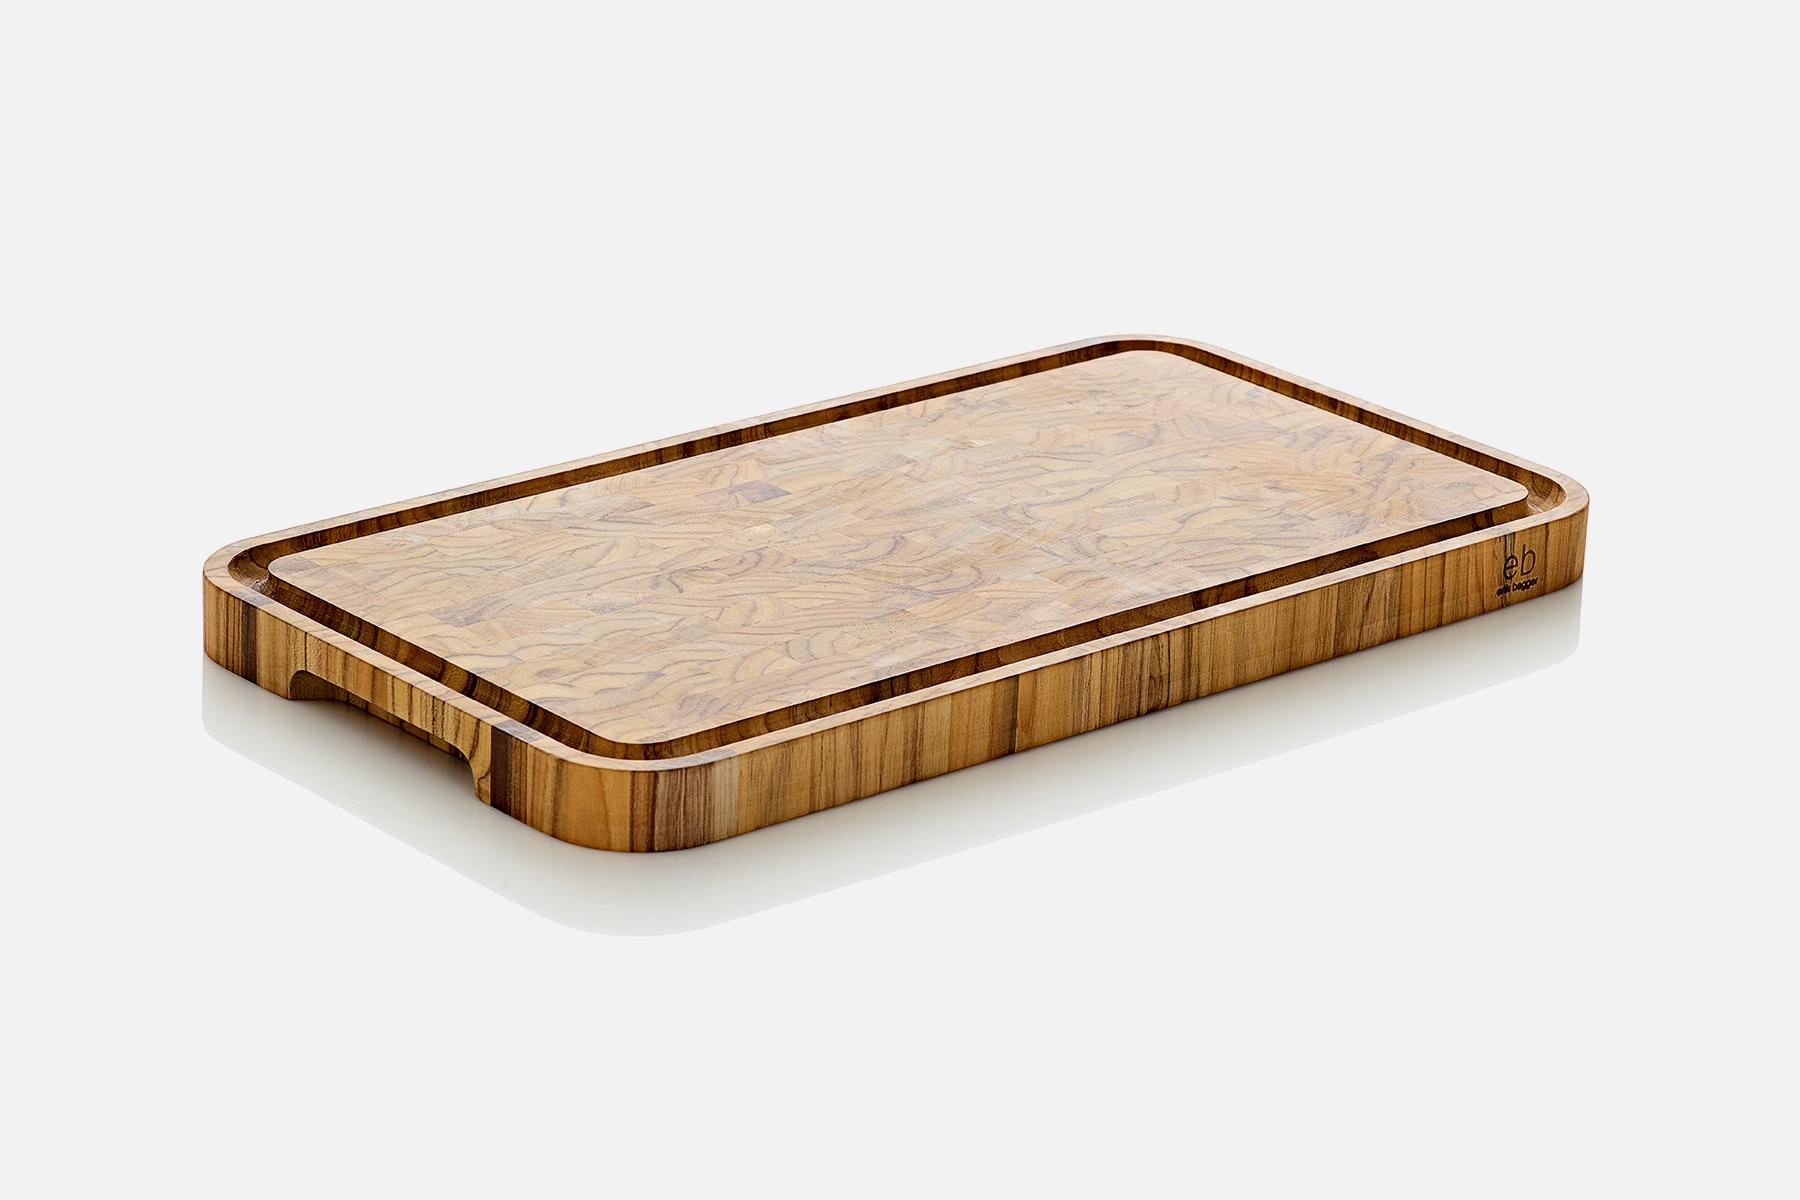 Cutting board - 1 pcs, 50x27cmTeak, FSC certifiedDesign by eb design teamArt. no.: 58138